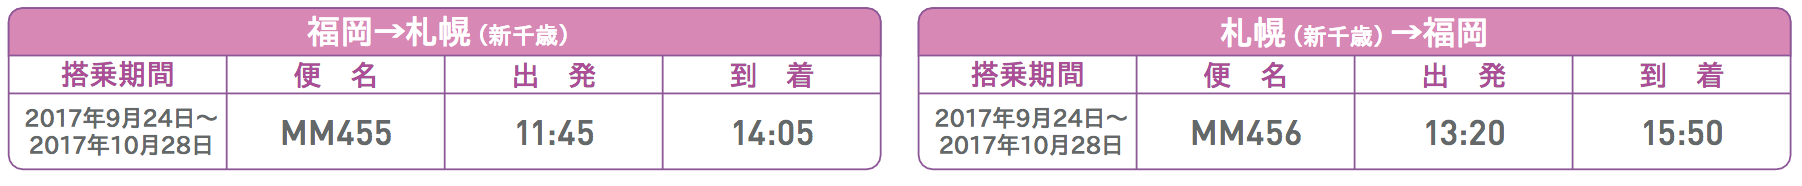 peachsapporofukuokatime_20170530123113c18.png